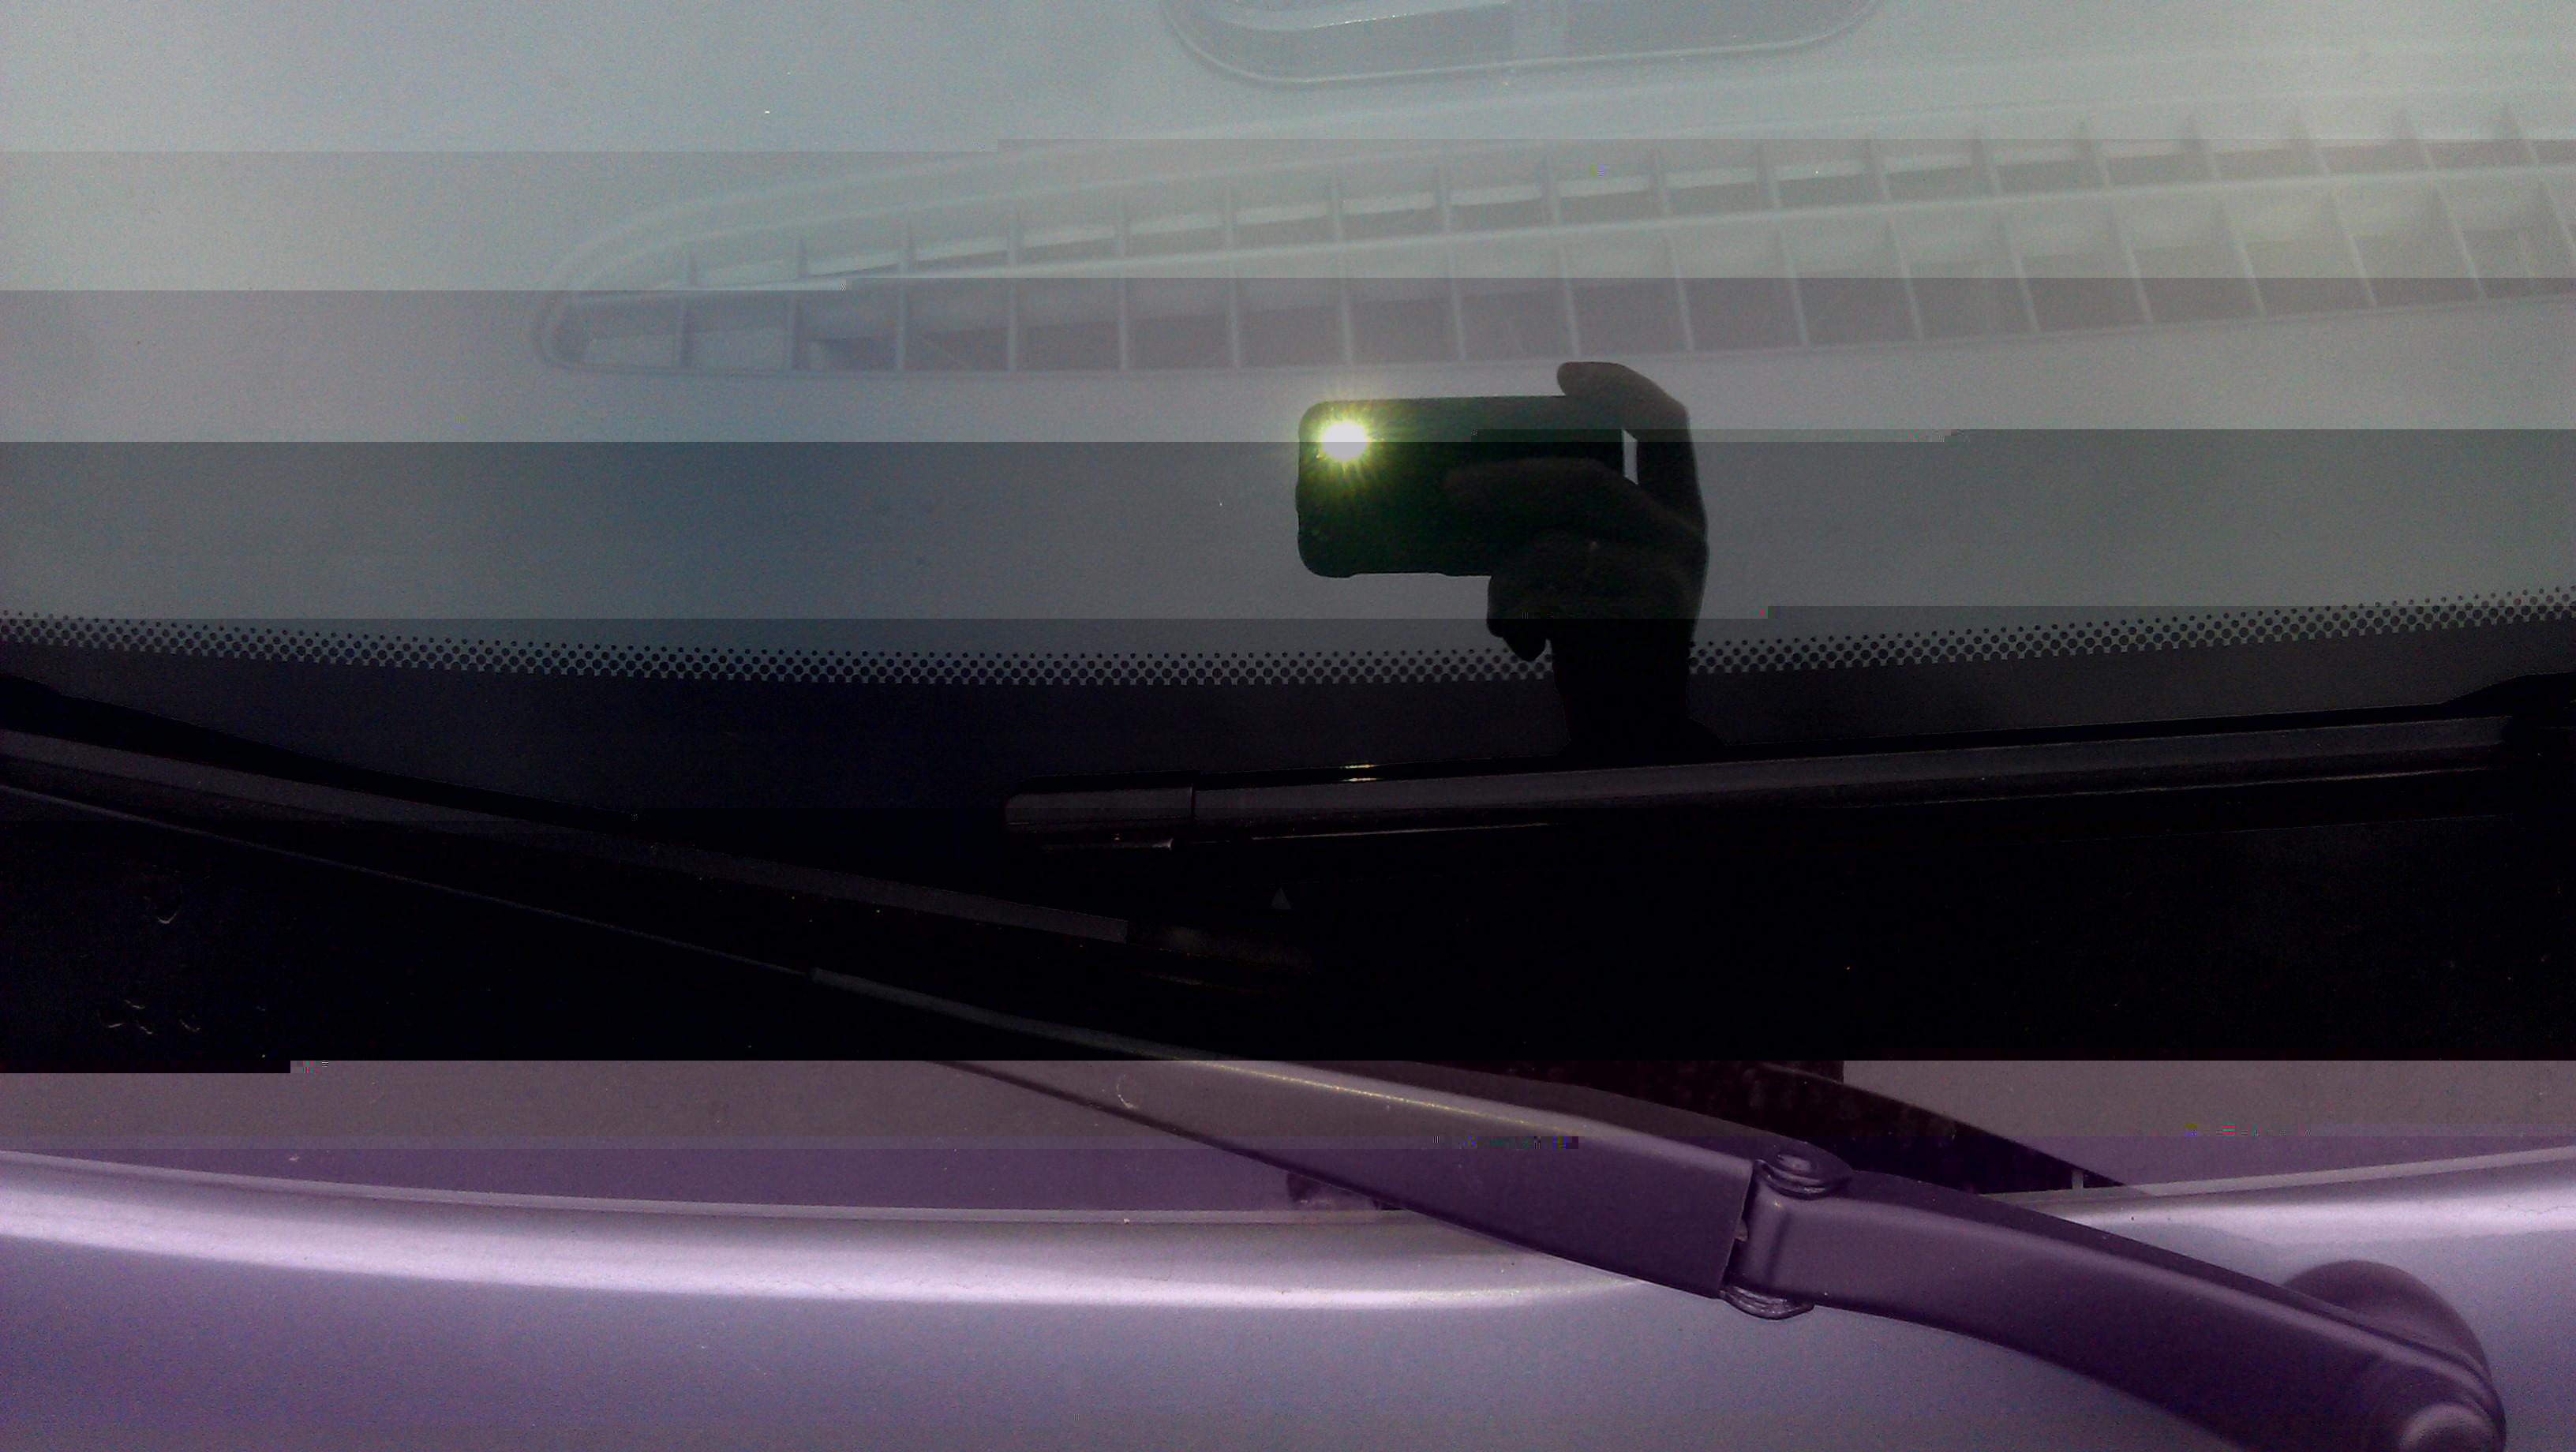 термобелье, следует заменить шеврале авео хетчбек дворник популярностью пользуются Ответ